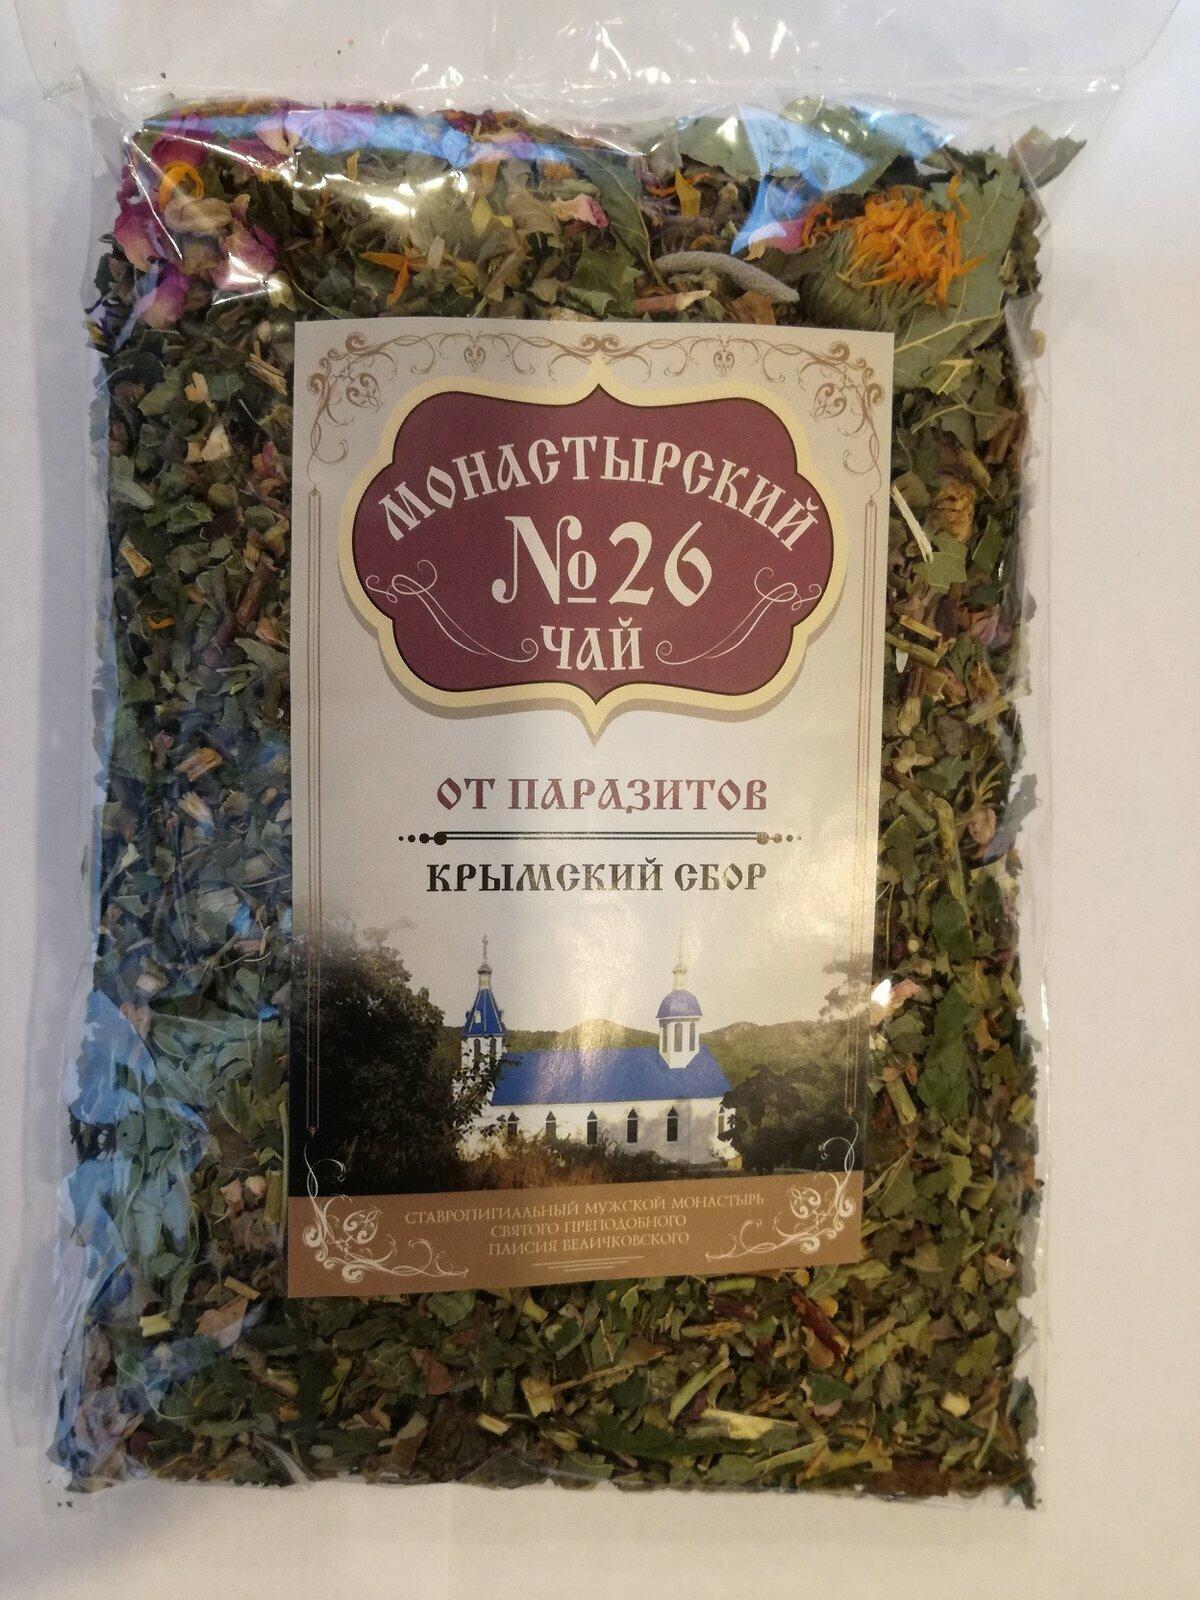 Монастырский чай от паразитов в Симферополе